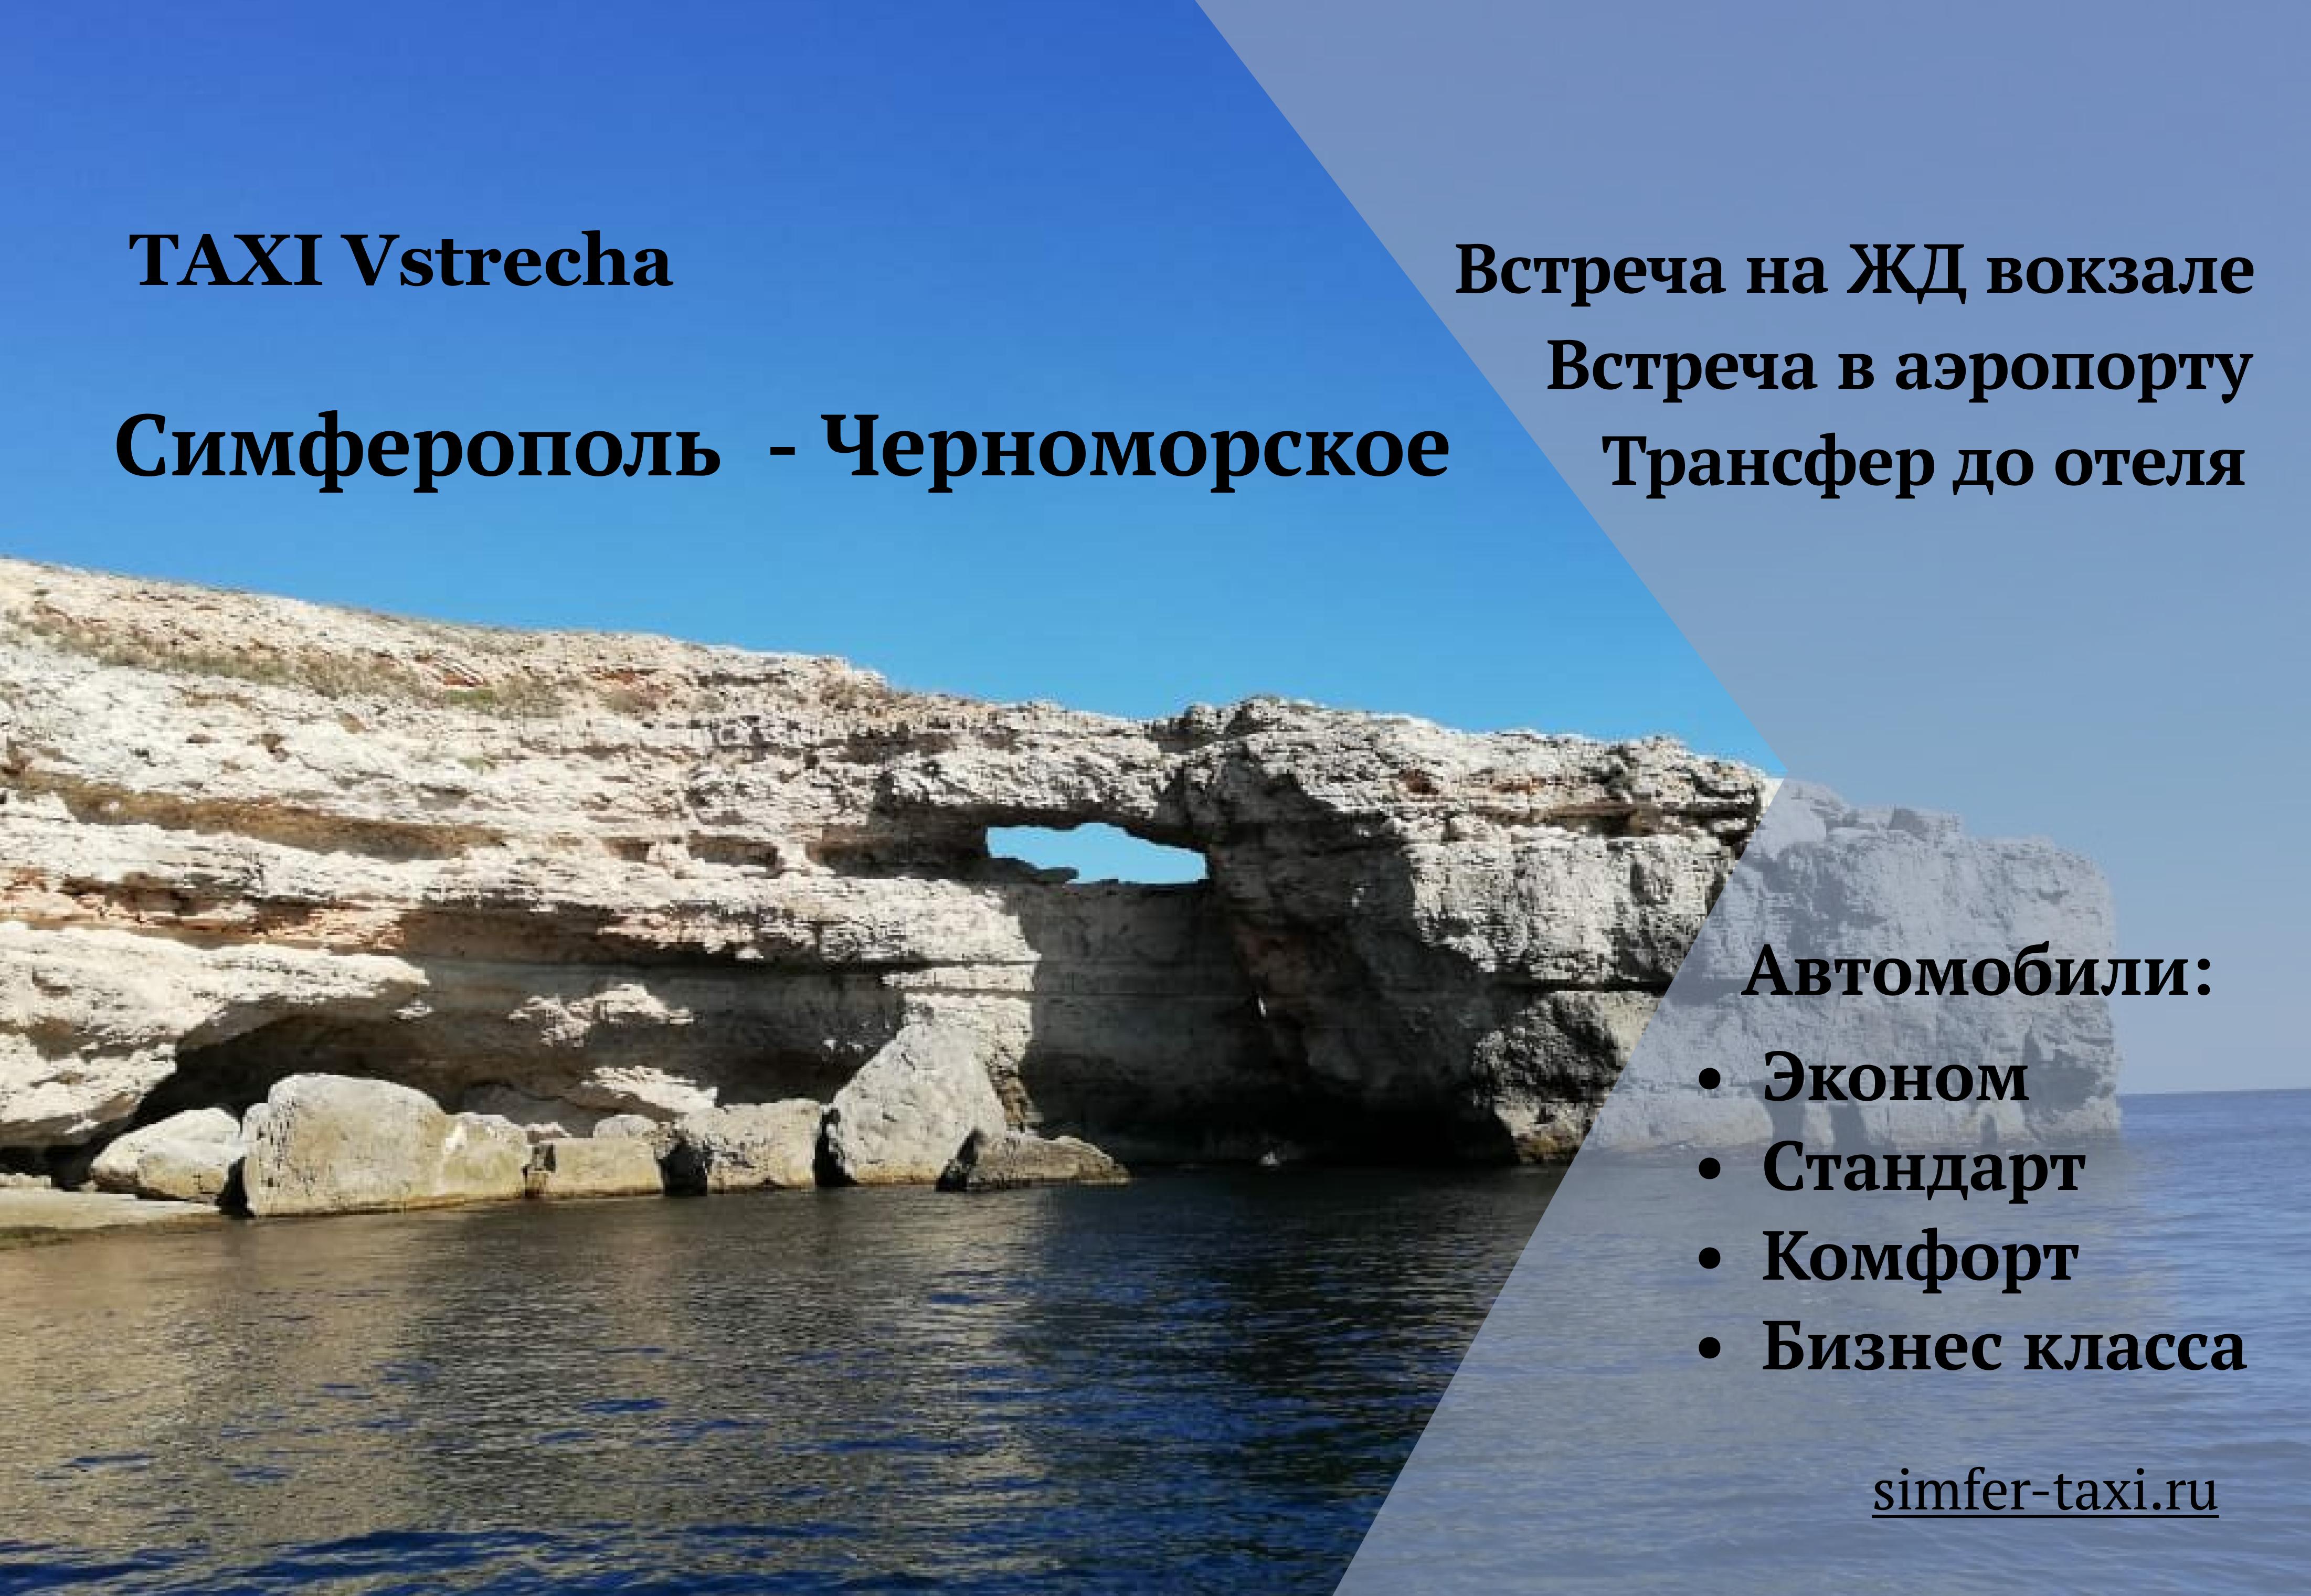 Такси Симферополь Черноморское